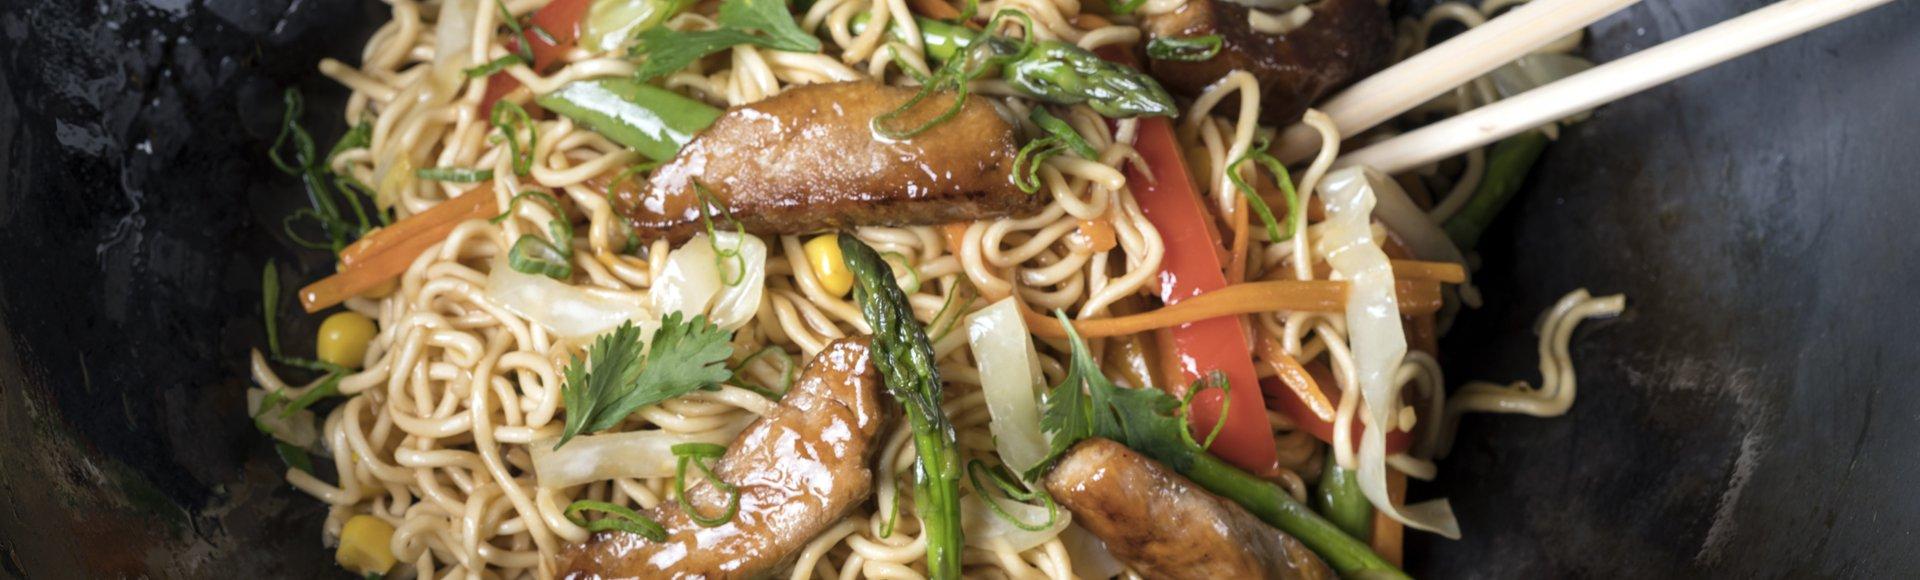 Νουντλς με χοιρινό σοτέ, λαχανικά και σάλτσα σόγια-μέλι